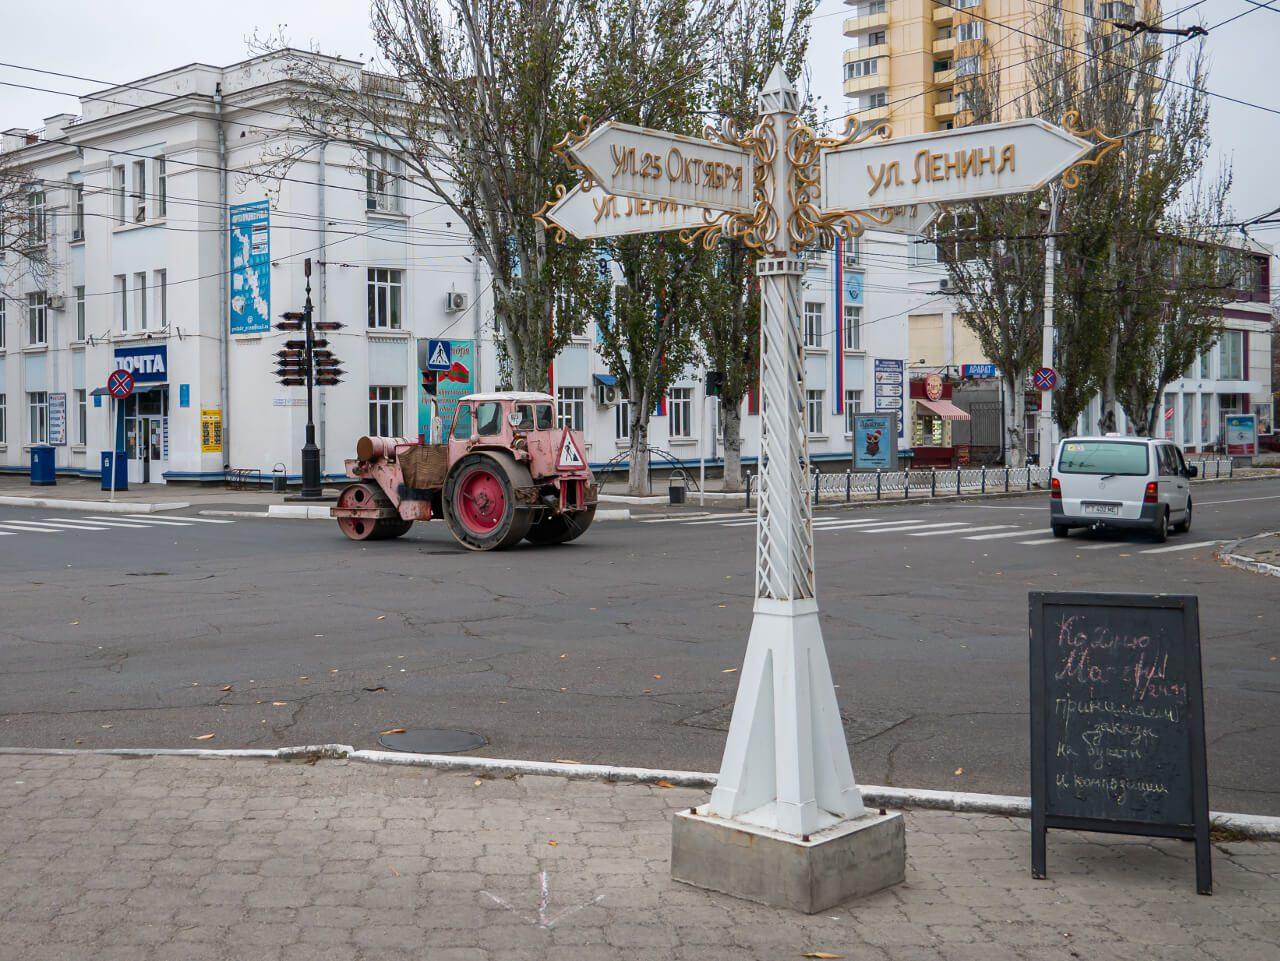 Znak informacyjny na skrzyżowaniu ulic Lenina i 25 Października w Tyraspolu